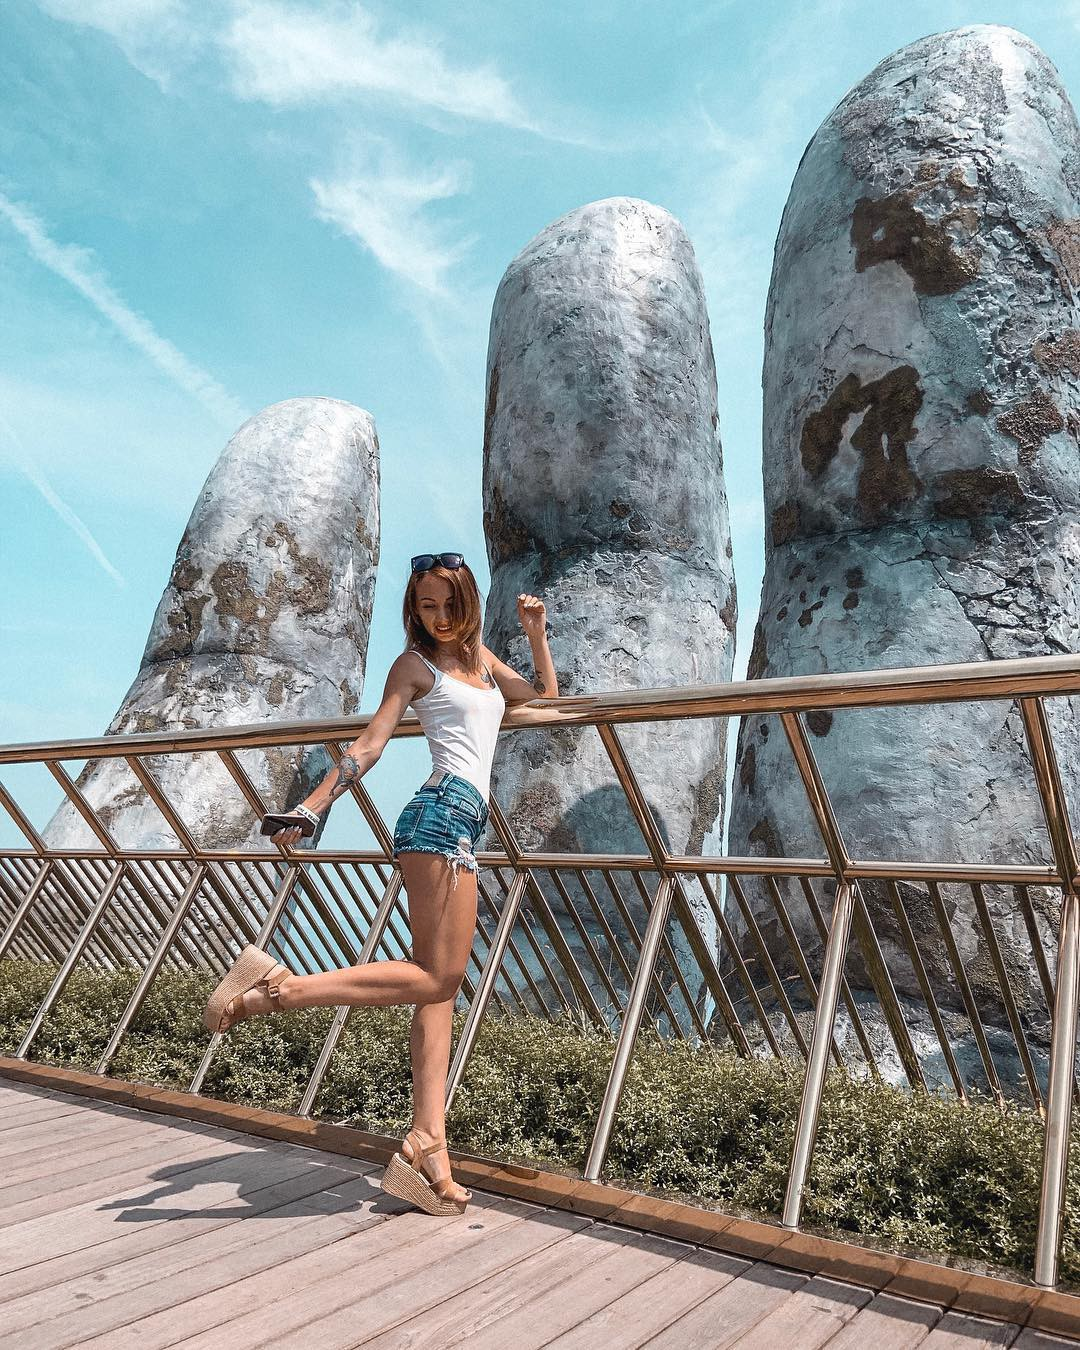 """""""Act cool đứng hình mất 5s"""" trước 8 cây cầu sống ảo đẹp nhất Việt Nam, bạn đã check-in hết chưa? - Ảnh 5."""